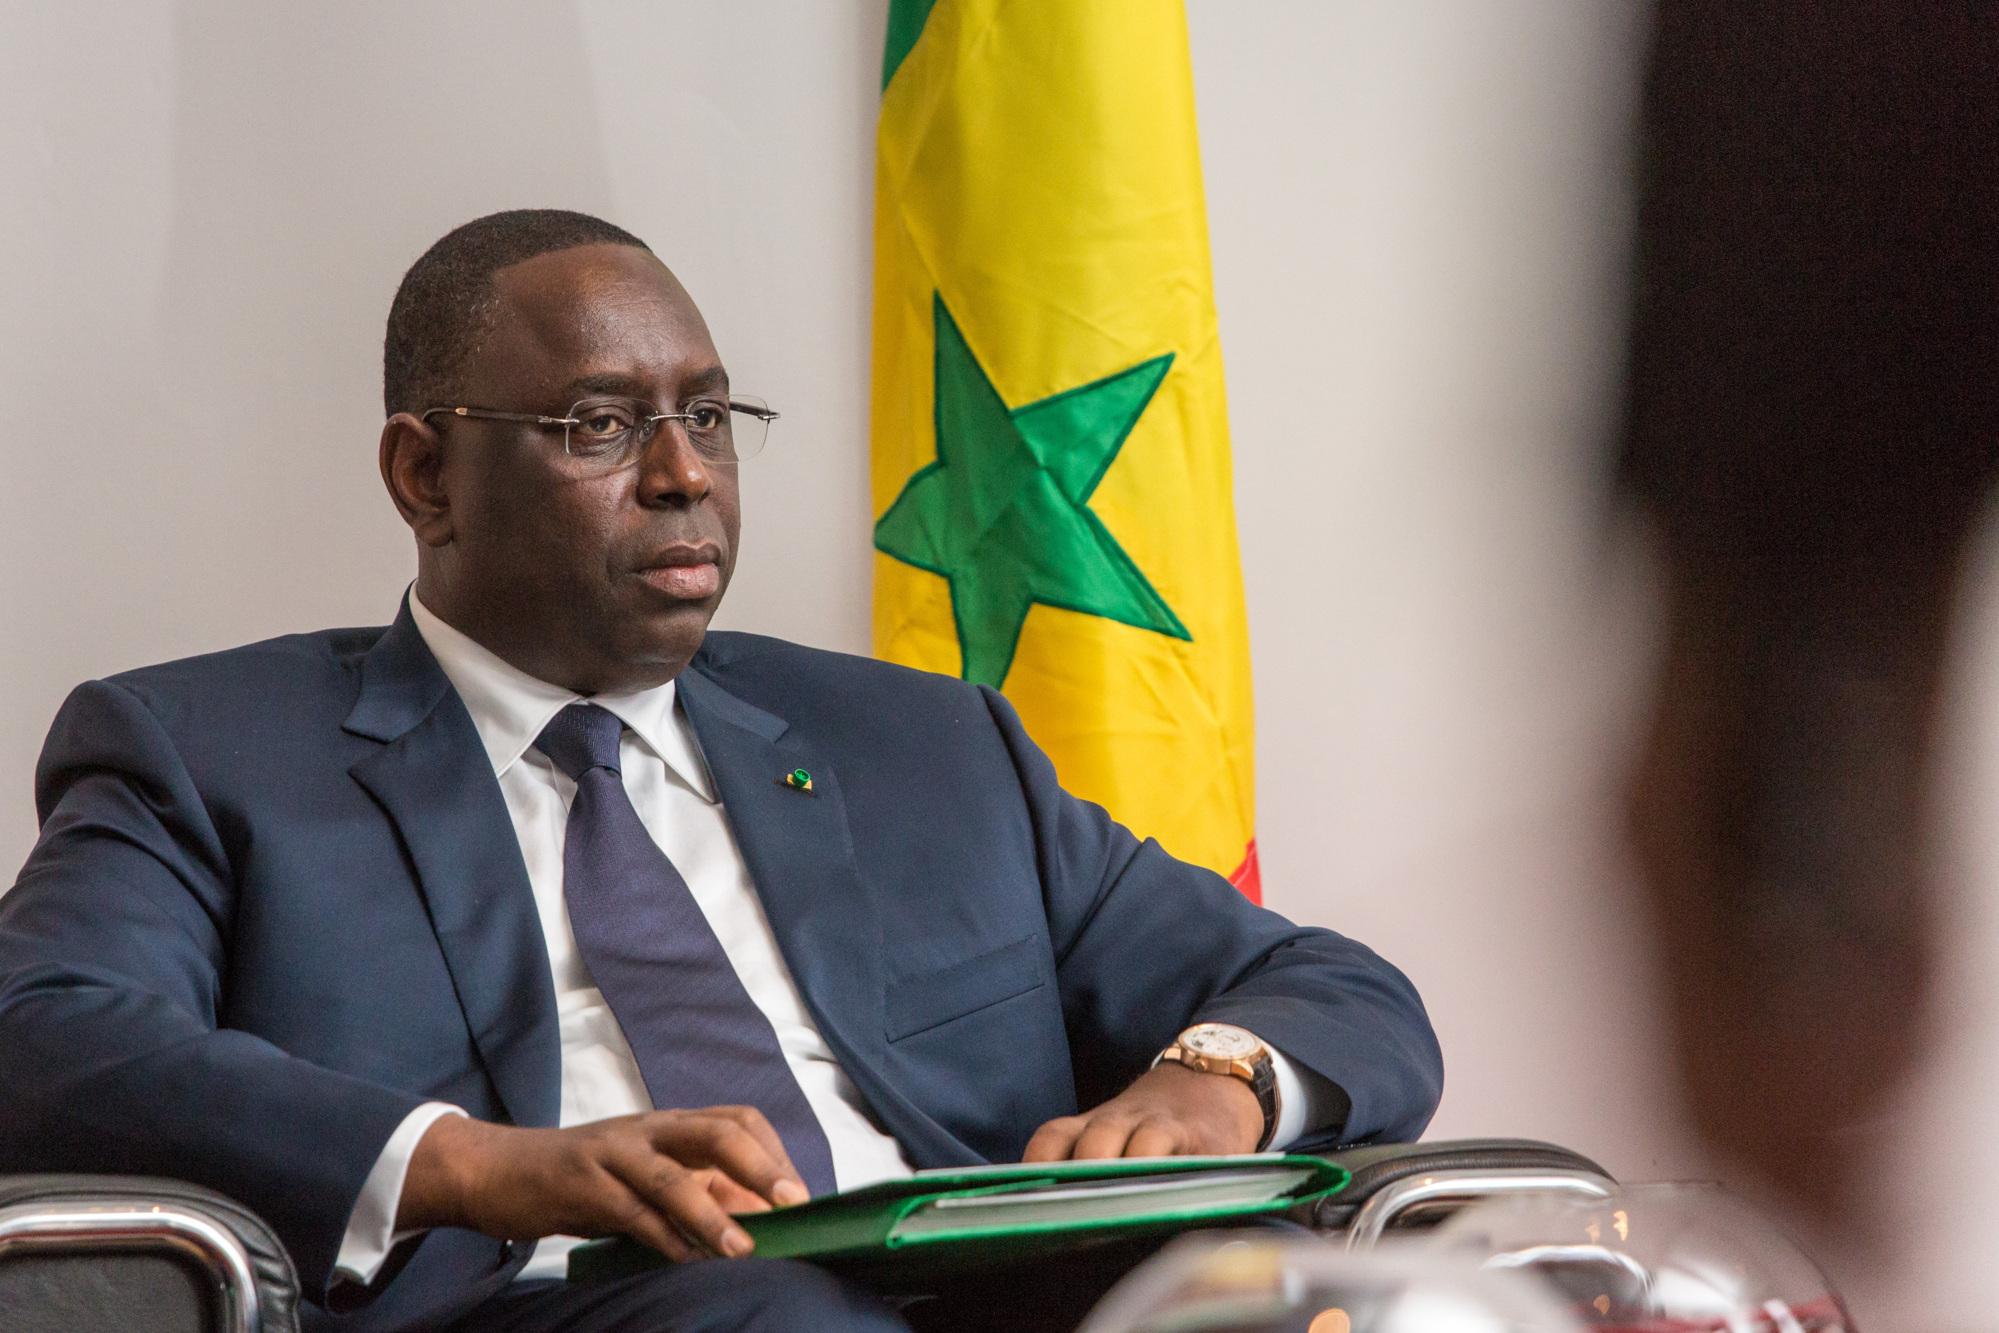 Sommet de l'Elysée : le président Sall à Paris pour la paix et la sécurité en Afrique